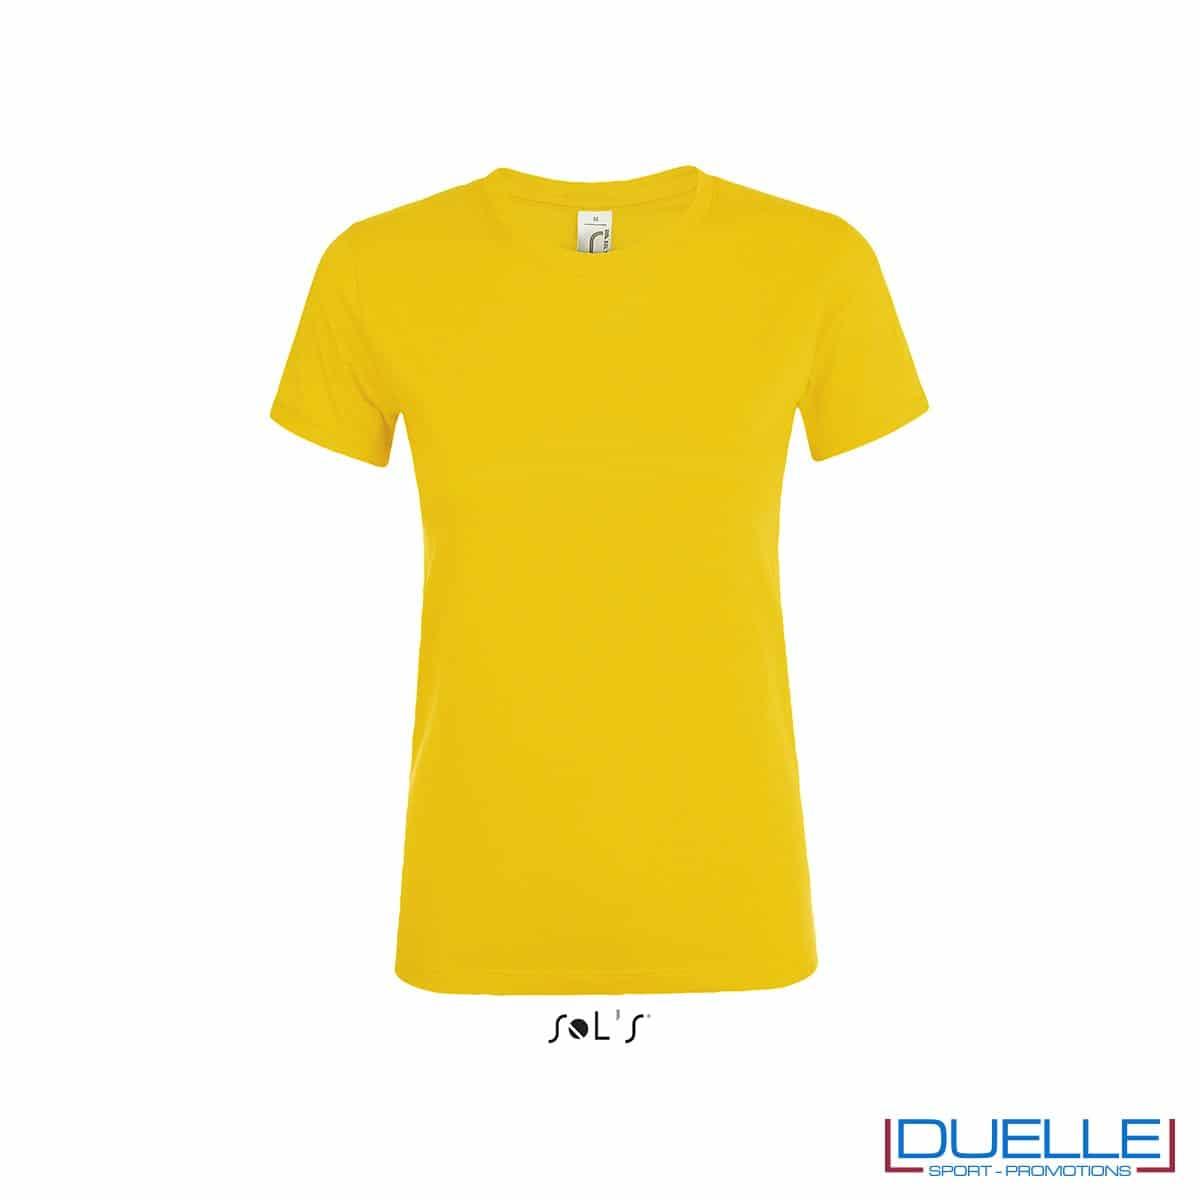 T-shirt donna personalizzata colore giallo